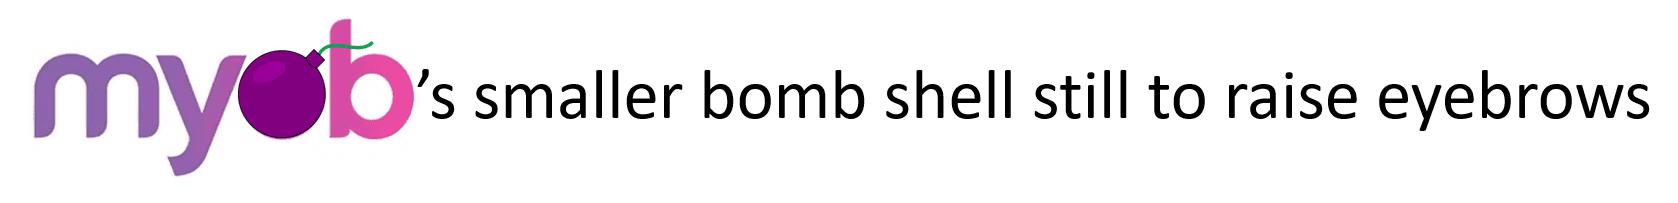 myobbomb